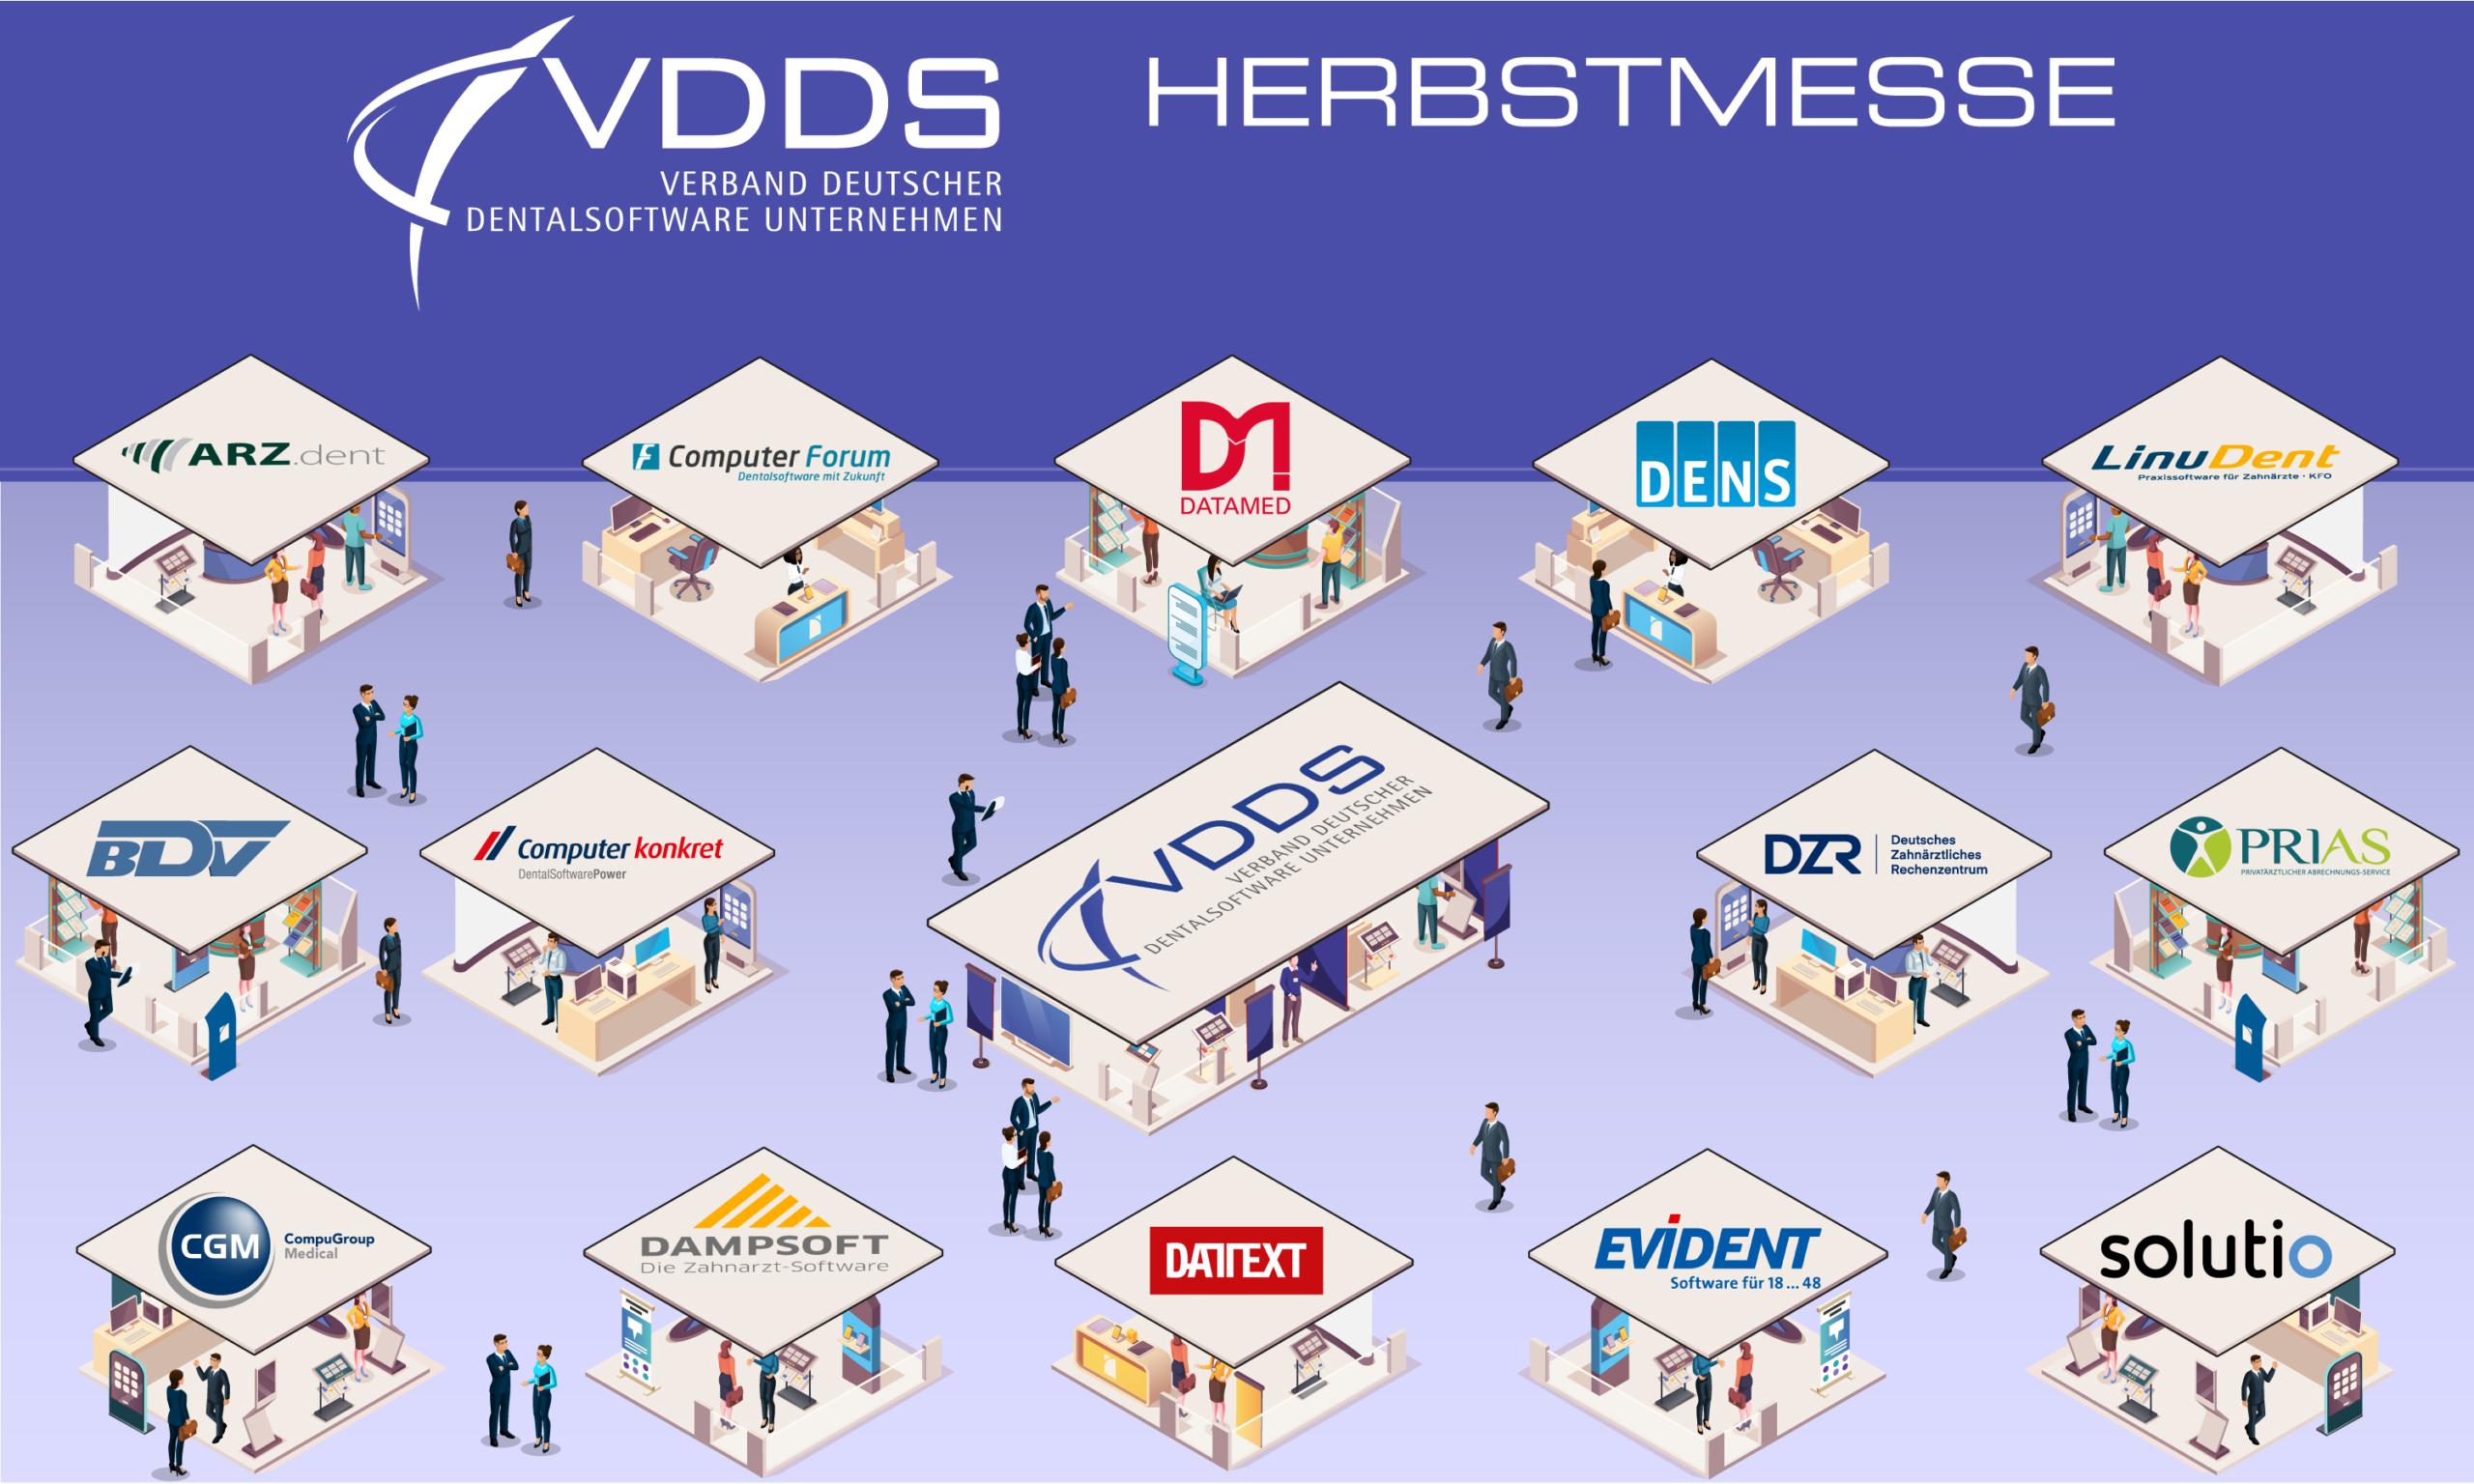 VDDS Herbstmesse - Verband Deutscher Dental-Software Unternehmen